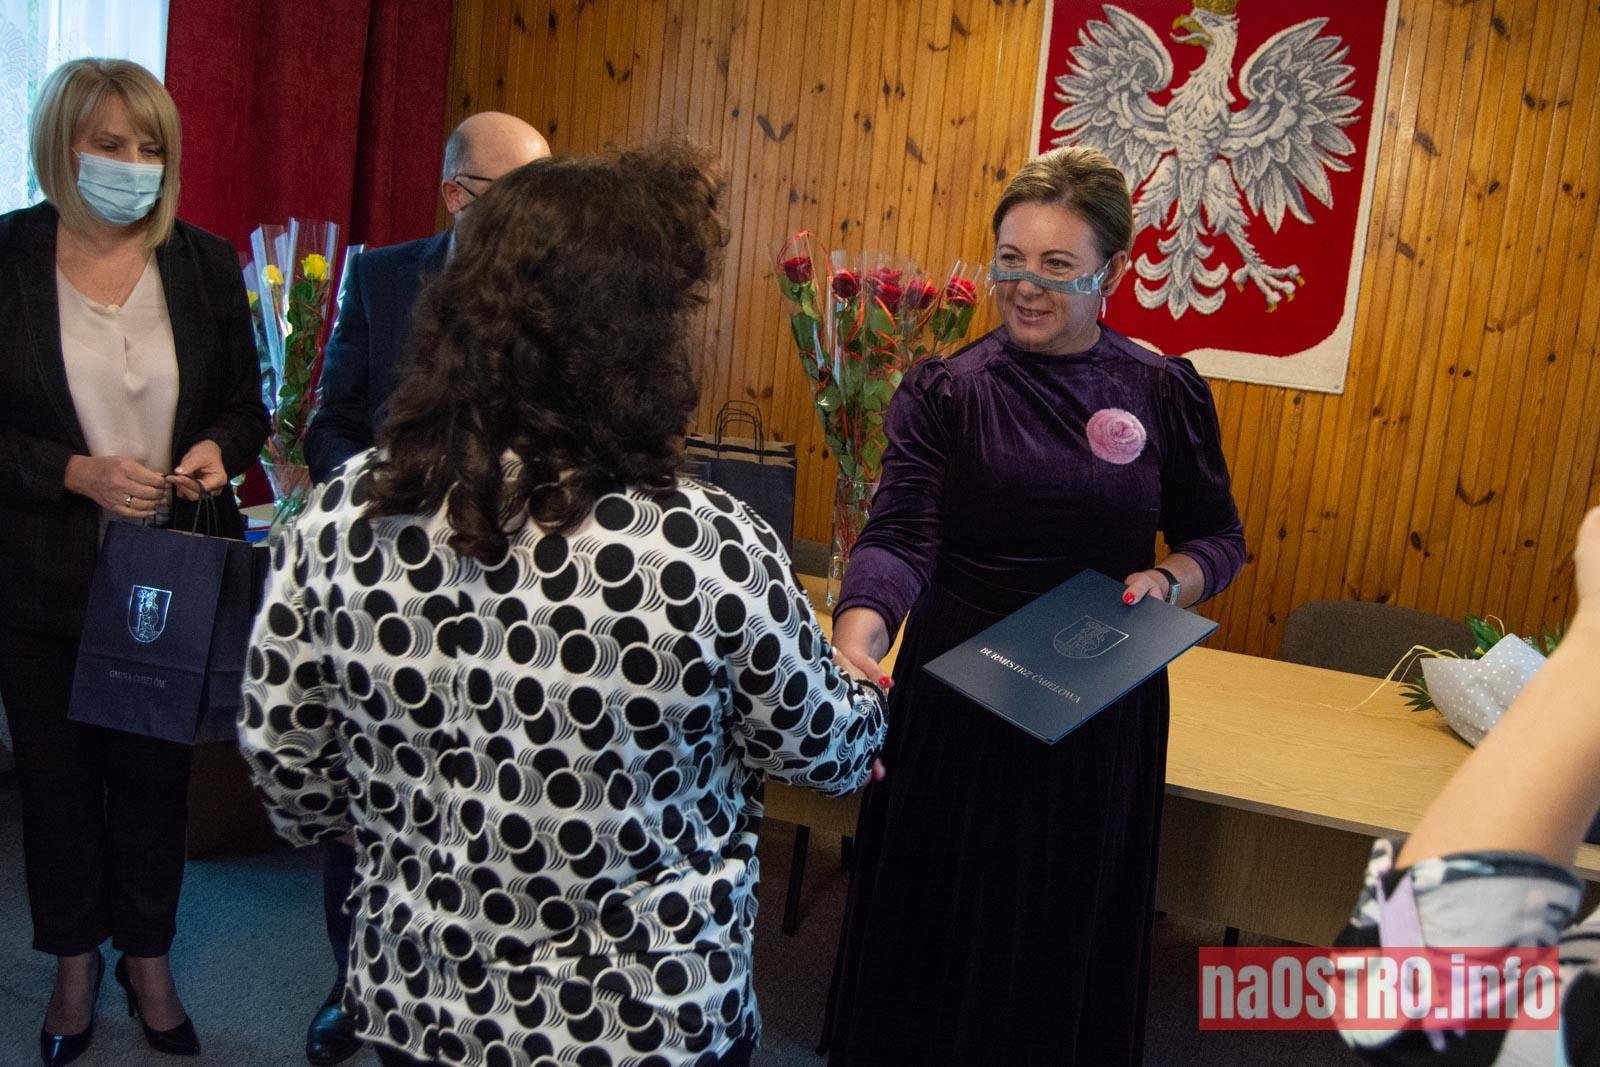 NaOSTRO.info Dzien nauczyciela cmielow-3017